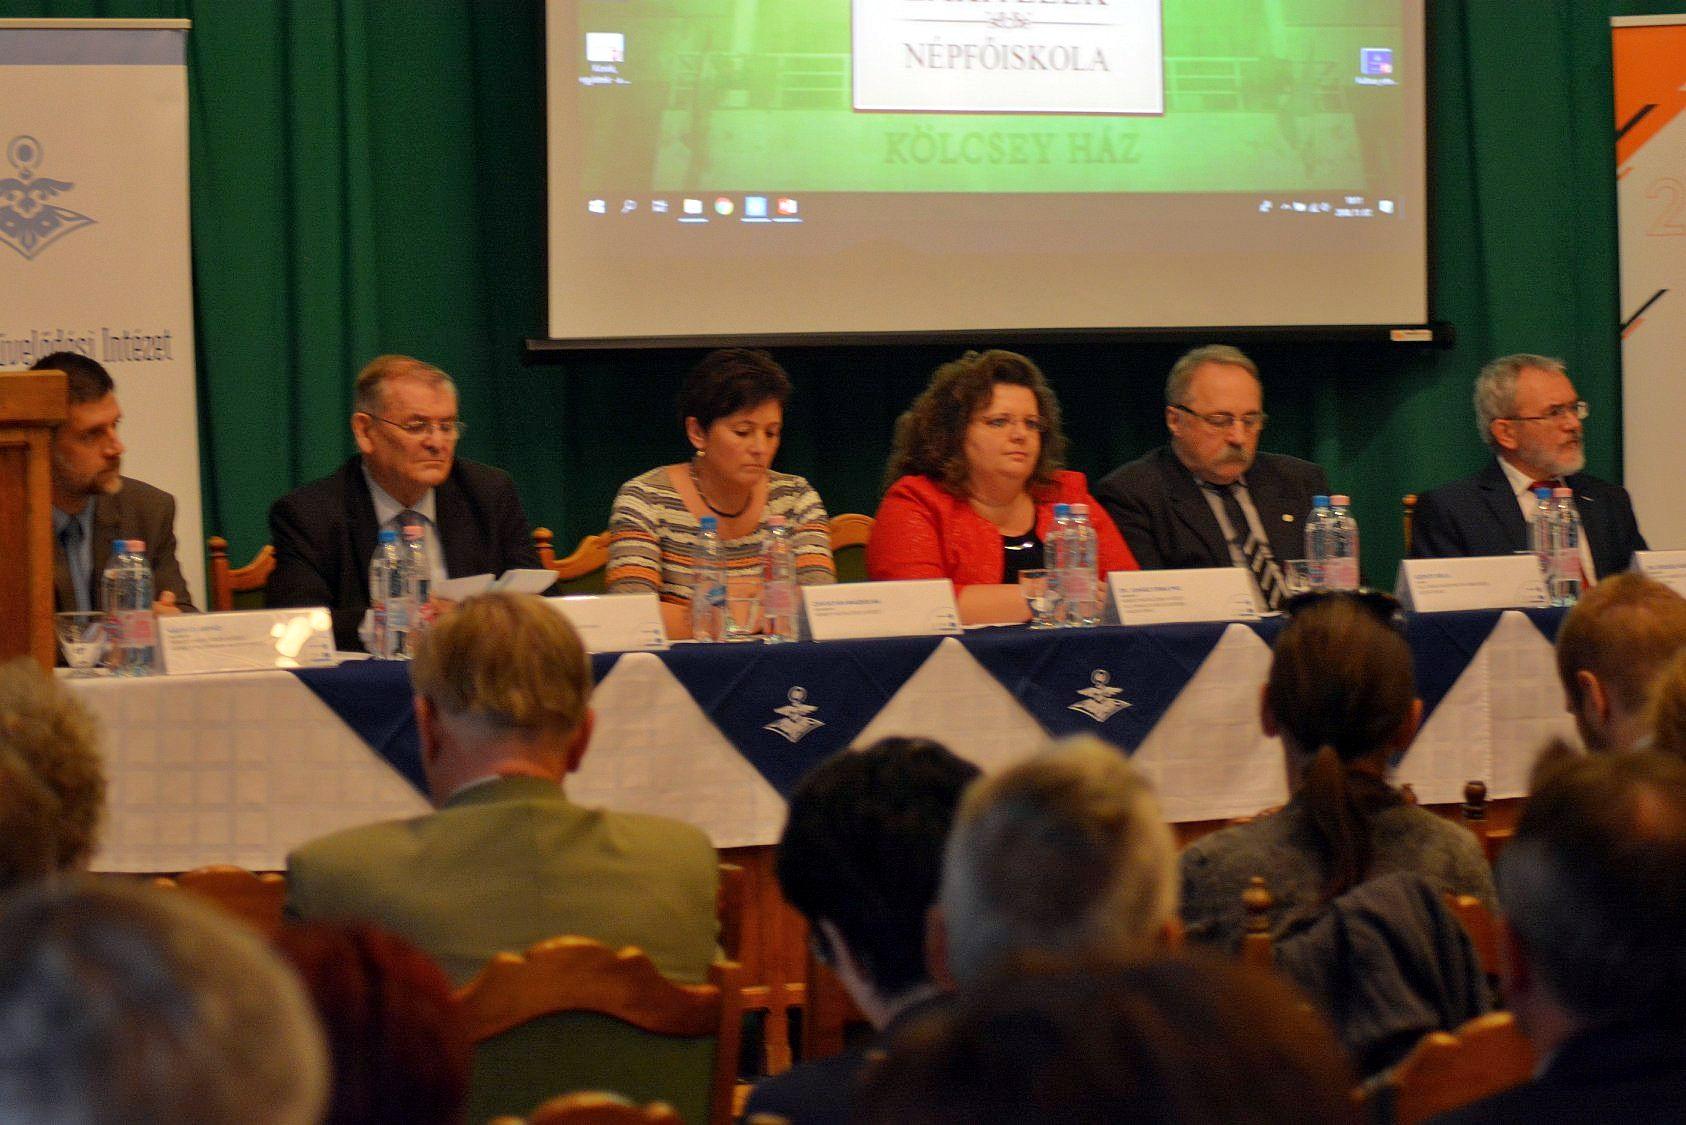 Az érték a motiváció: közel kétszáz résztvevővel zajlott a jubileumi konferencia